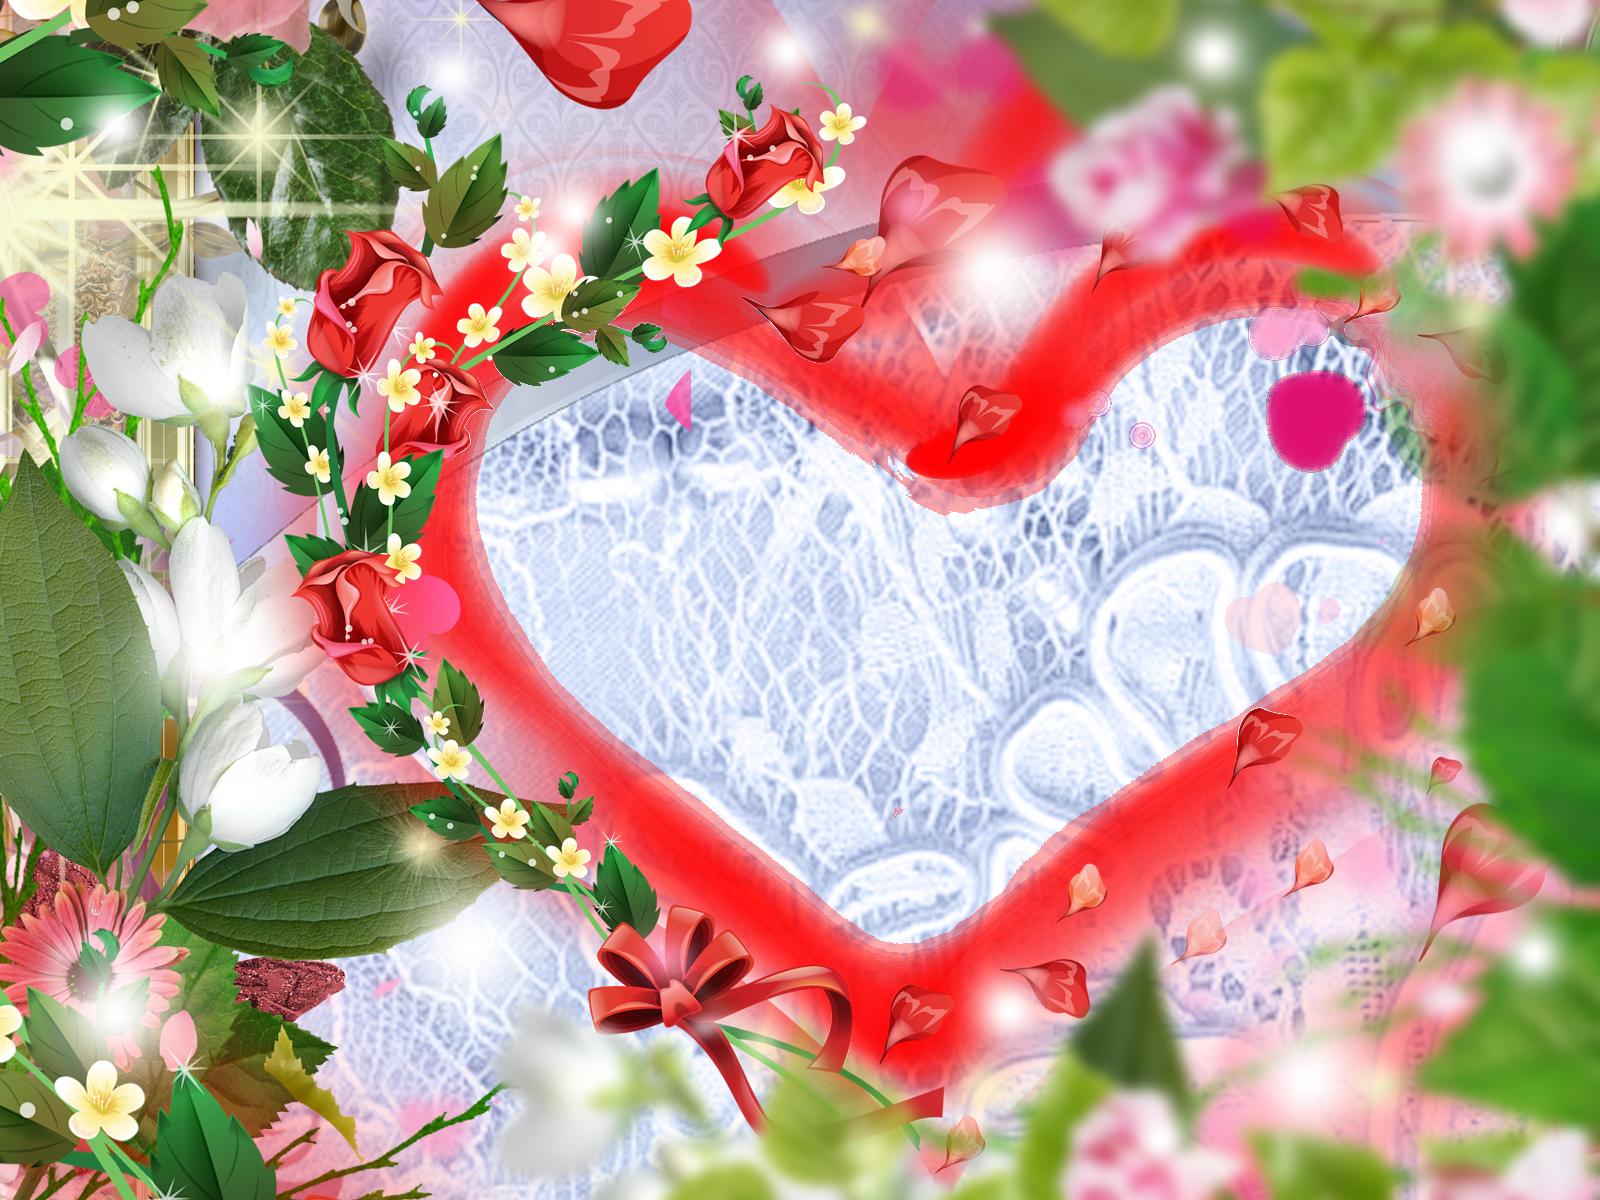 Фоторамка Фоторамка-сердце Фоторамка для фотошопа, PNG шаблон. Рамочка в форме сердца. Лето, цветы, красные розы, кружева, ленты.